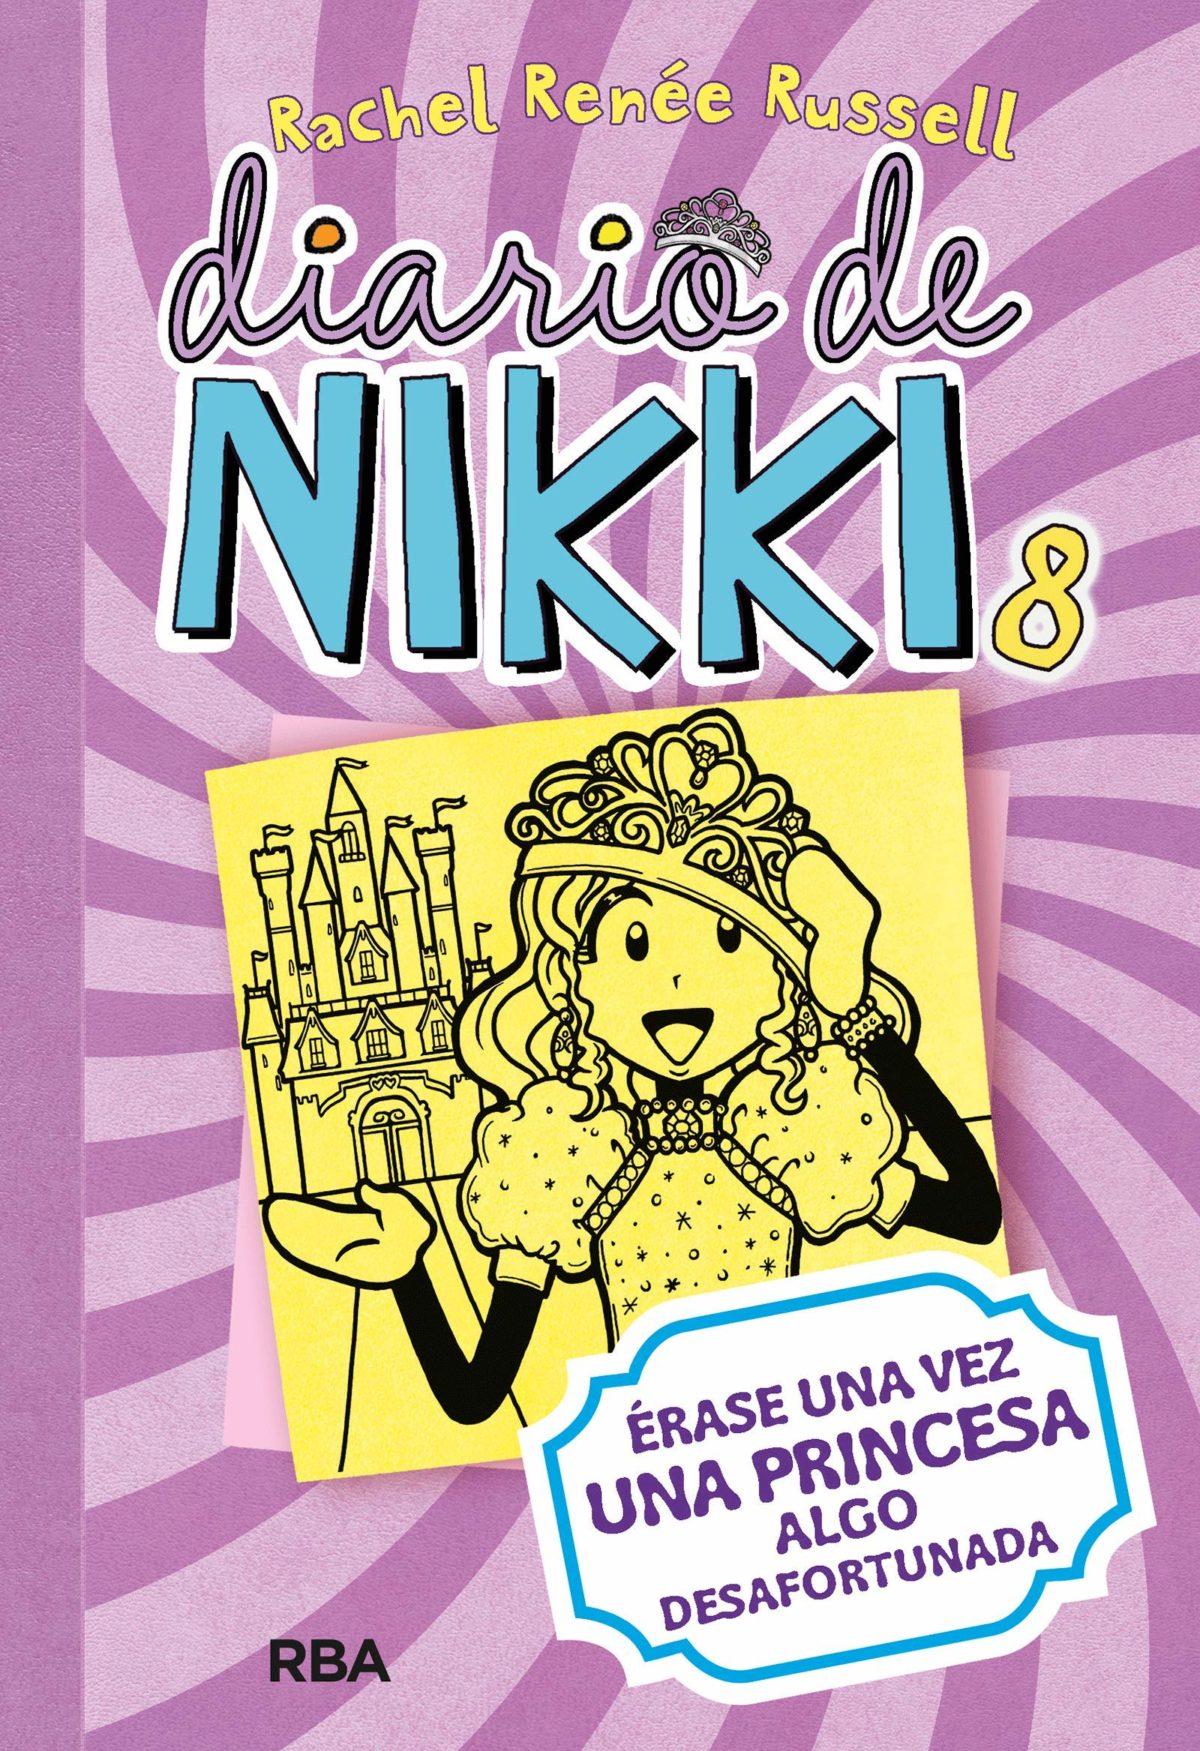 Diario de Nikki 8: Érase una vez una princesa algo desafortunada (Español) Tapa dura